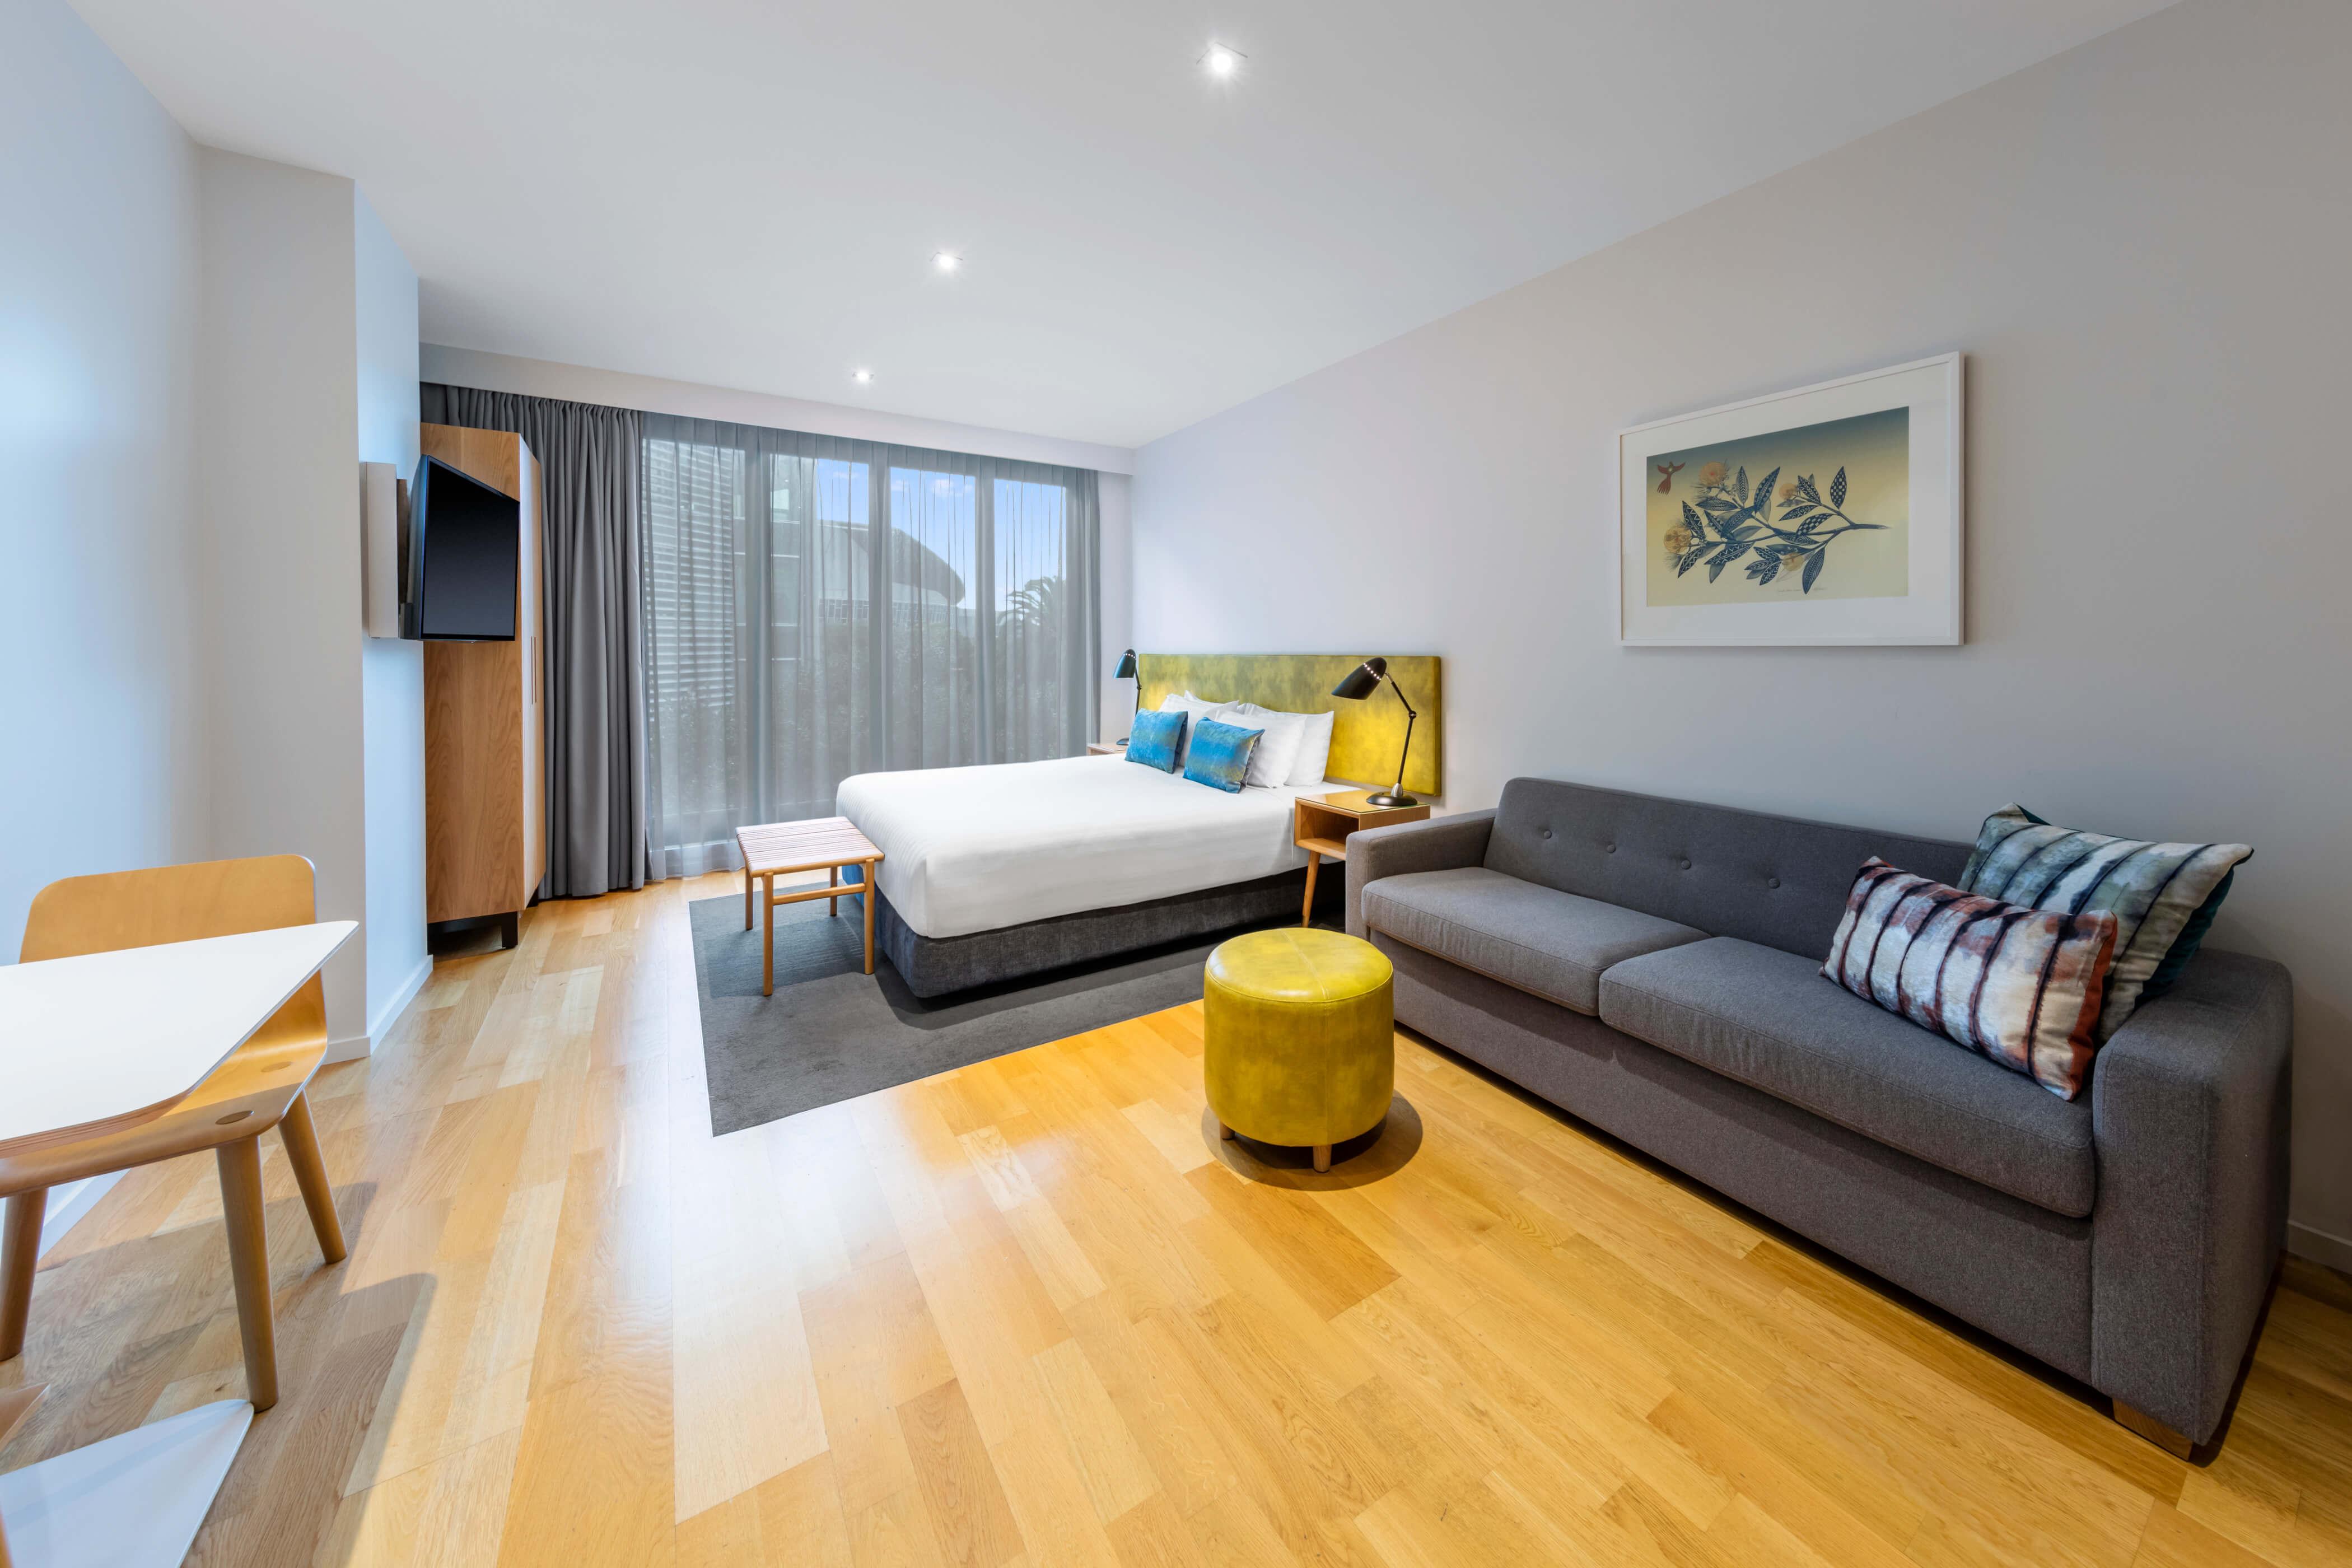 Планировка комнаты в небольшой квартире